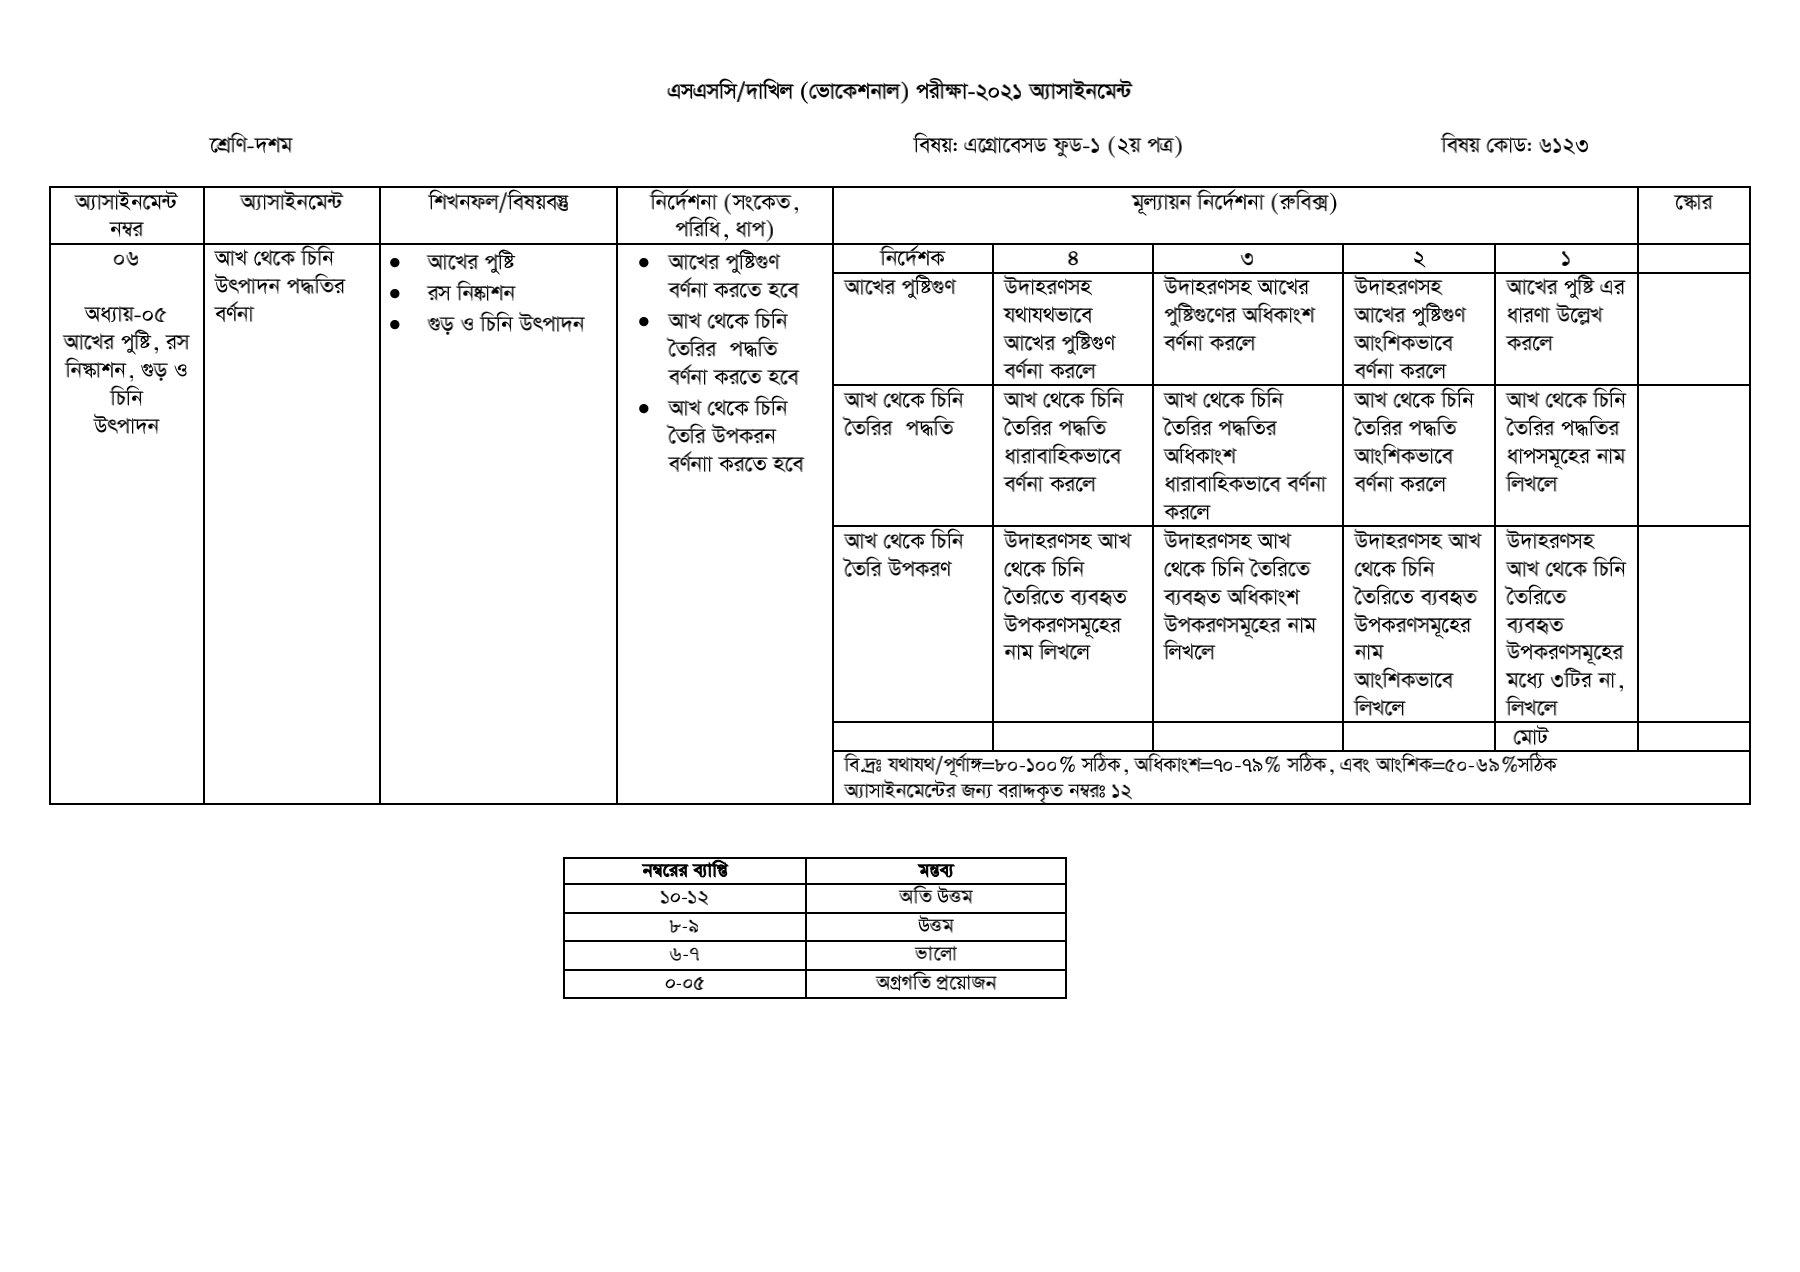 ২০২১ সালের এসএসসি/দাখিল (ভোকেশনাল) এগ্রোবেসড ফুড এসাইনমেন্ট সমাধান 2021 16